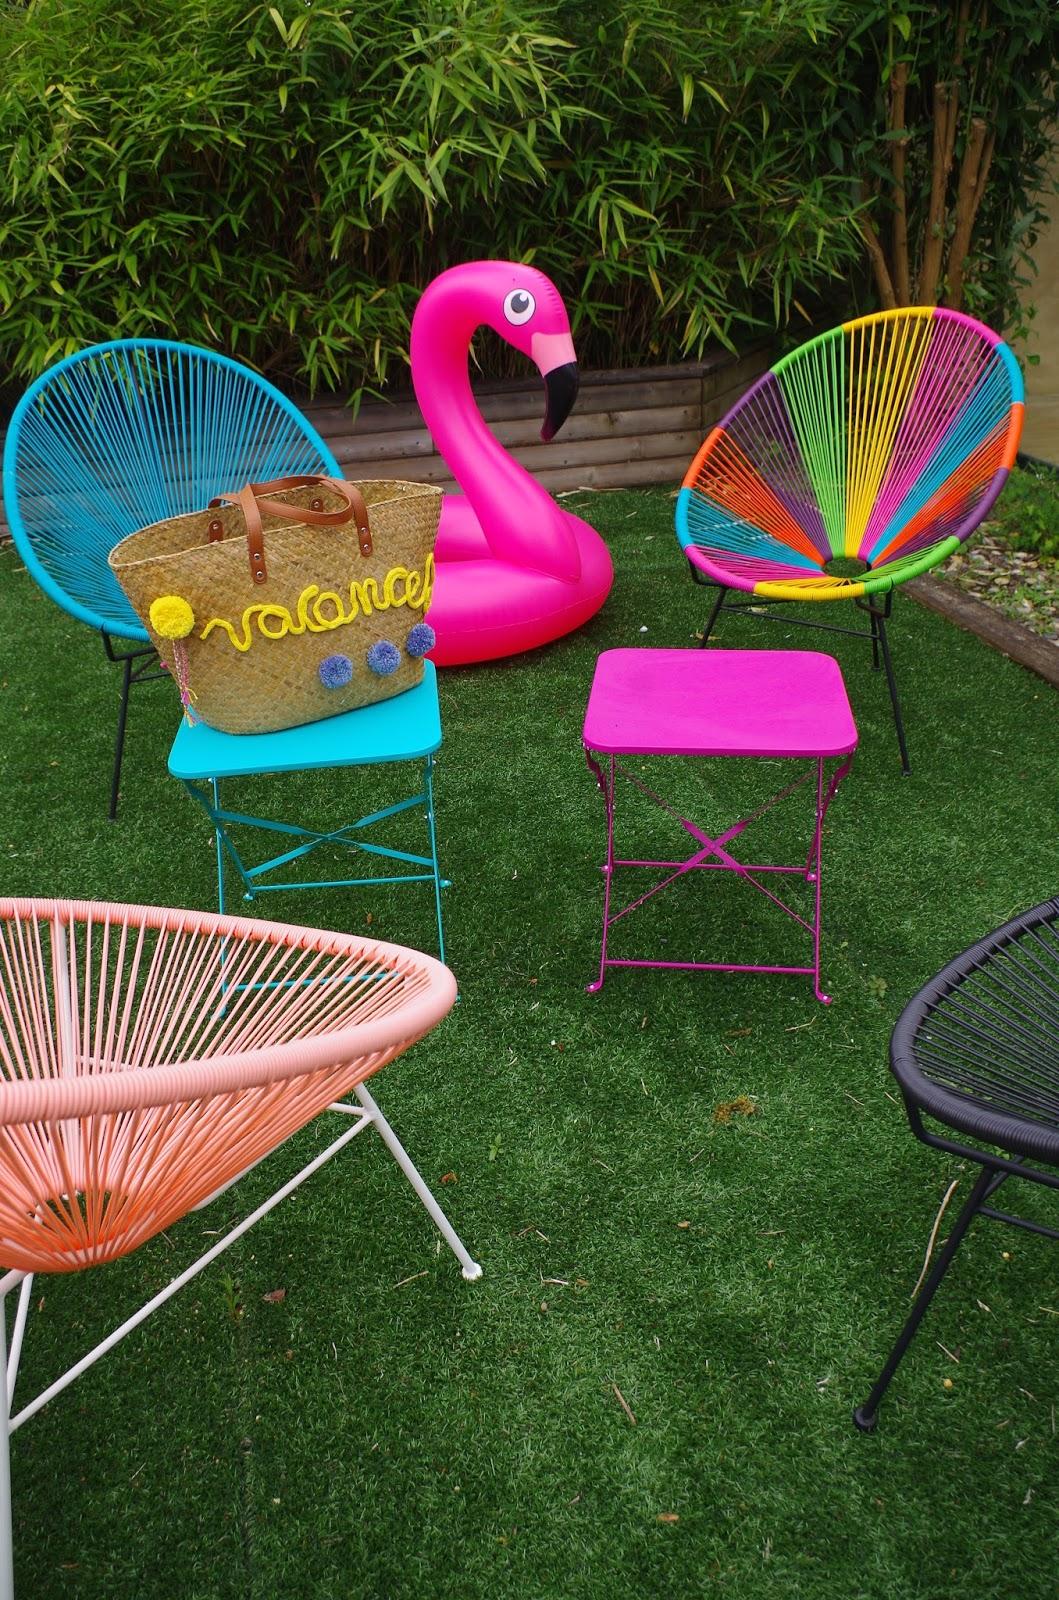 stunning fauteuils copacabana maisons du monde uac luun tables de chez gifi uac chaque boue. Black Bedroom Furniture Sets. Home Design Ideas